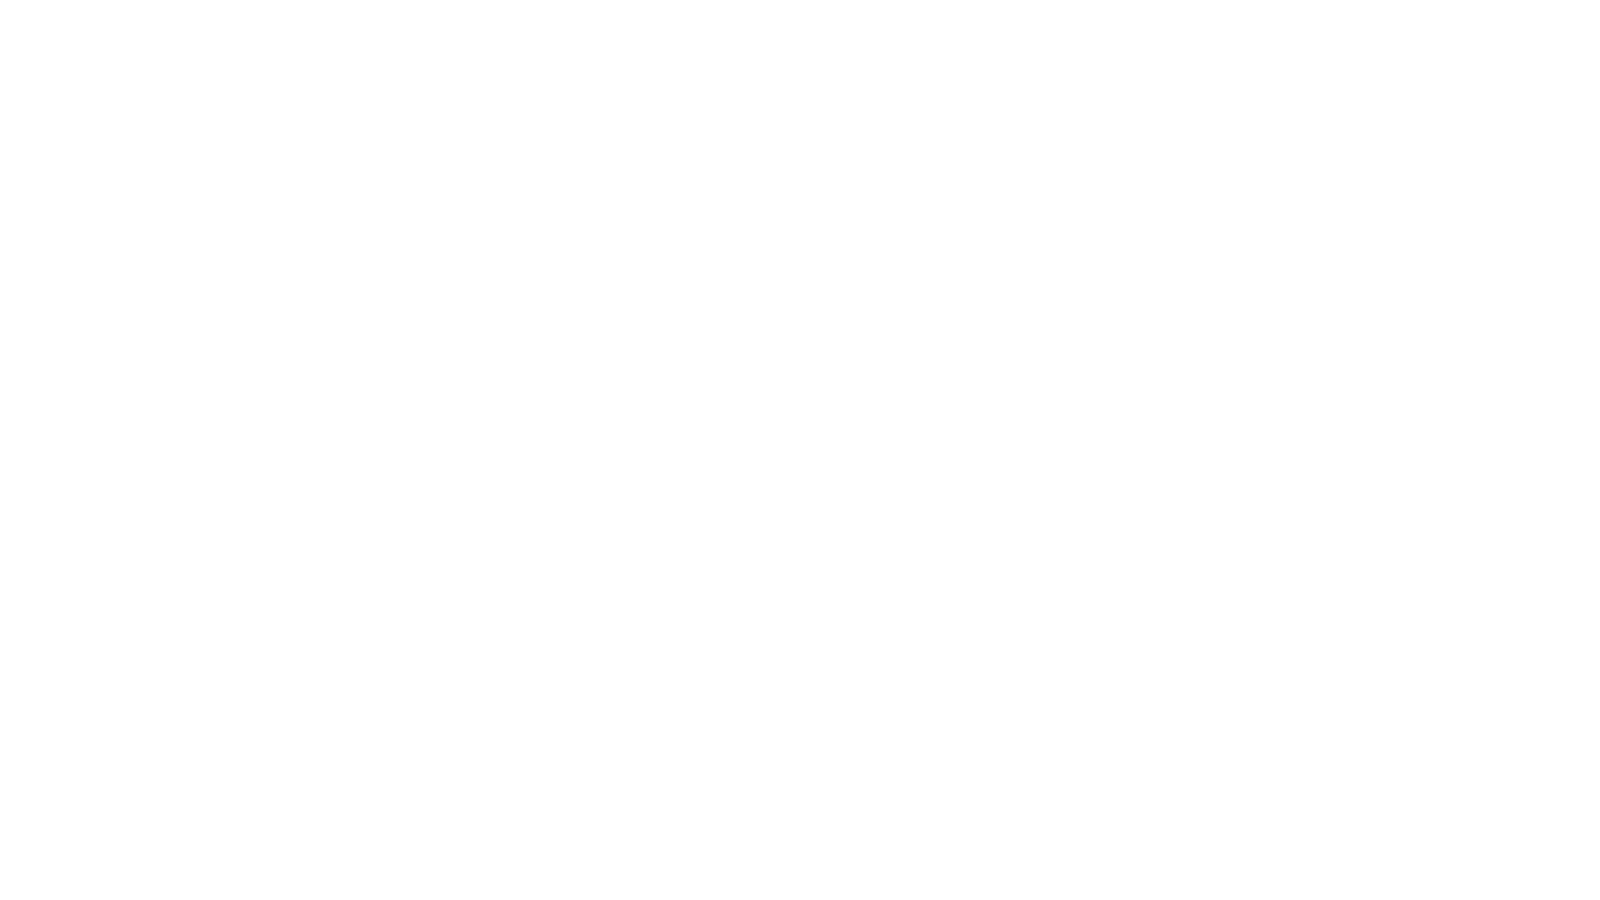 """Renato Bosco è un artigiano vero e appassionato. Inizia da piccolo ad interessarsi al mondo della pizza e dei lievitati. Quella che compone diligentemente nel suo tempio del gusto, il """"Saporè"""" in quel di San Martino Buon Albergo in provincia di Verona, è famosa per le sue golose sonorità: crunch, doppio crunch e...triplo cruch! Oggi fa parte dell'Accademia dei Maestri del Lievito Madre e Panettone Italiano Buona visione! ___ SoulSalad è l'unico programma radiofonico in Italia dedicato alle eccellenze enogastronomiche. In onda dal 2005 in FM o dal sito www.soulsalad.it ___ #soulsalad #renatobosco #saporeverona #doppiocrunch"""